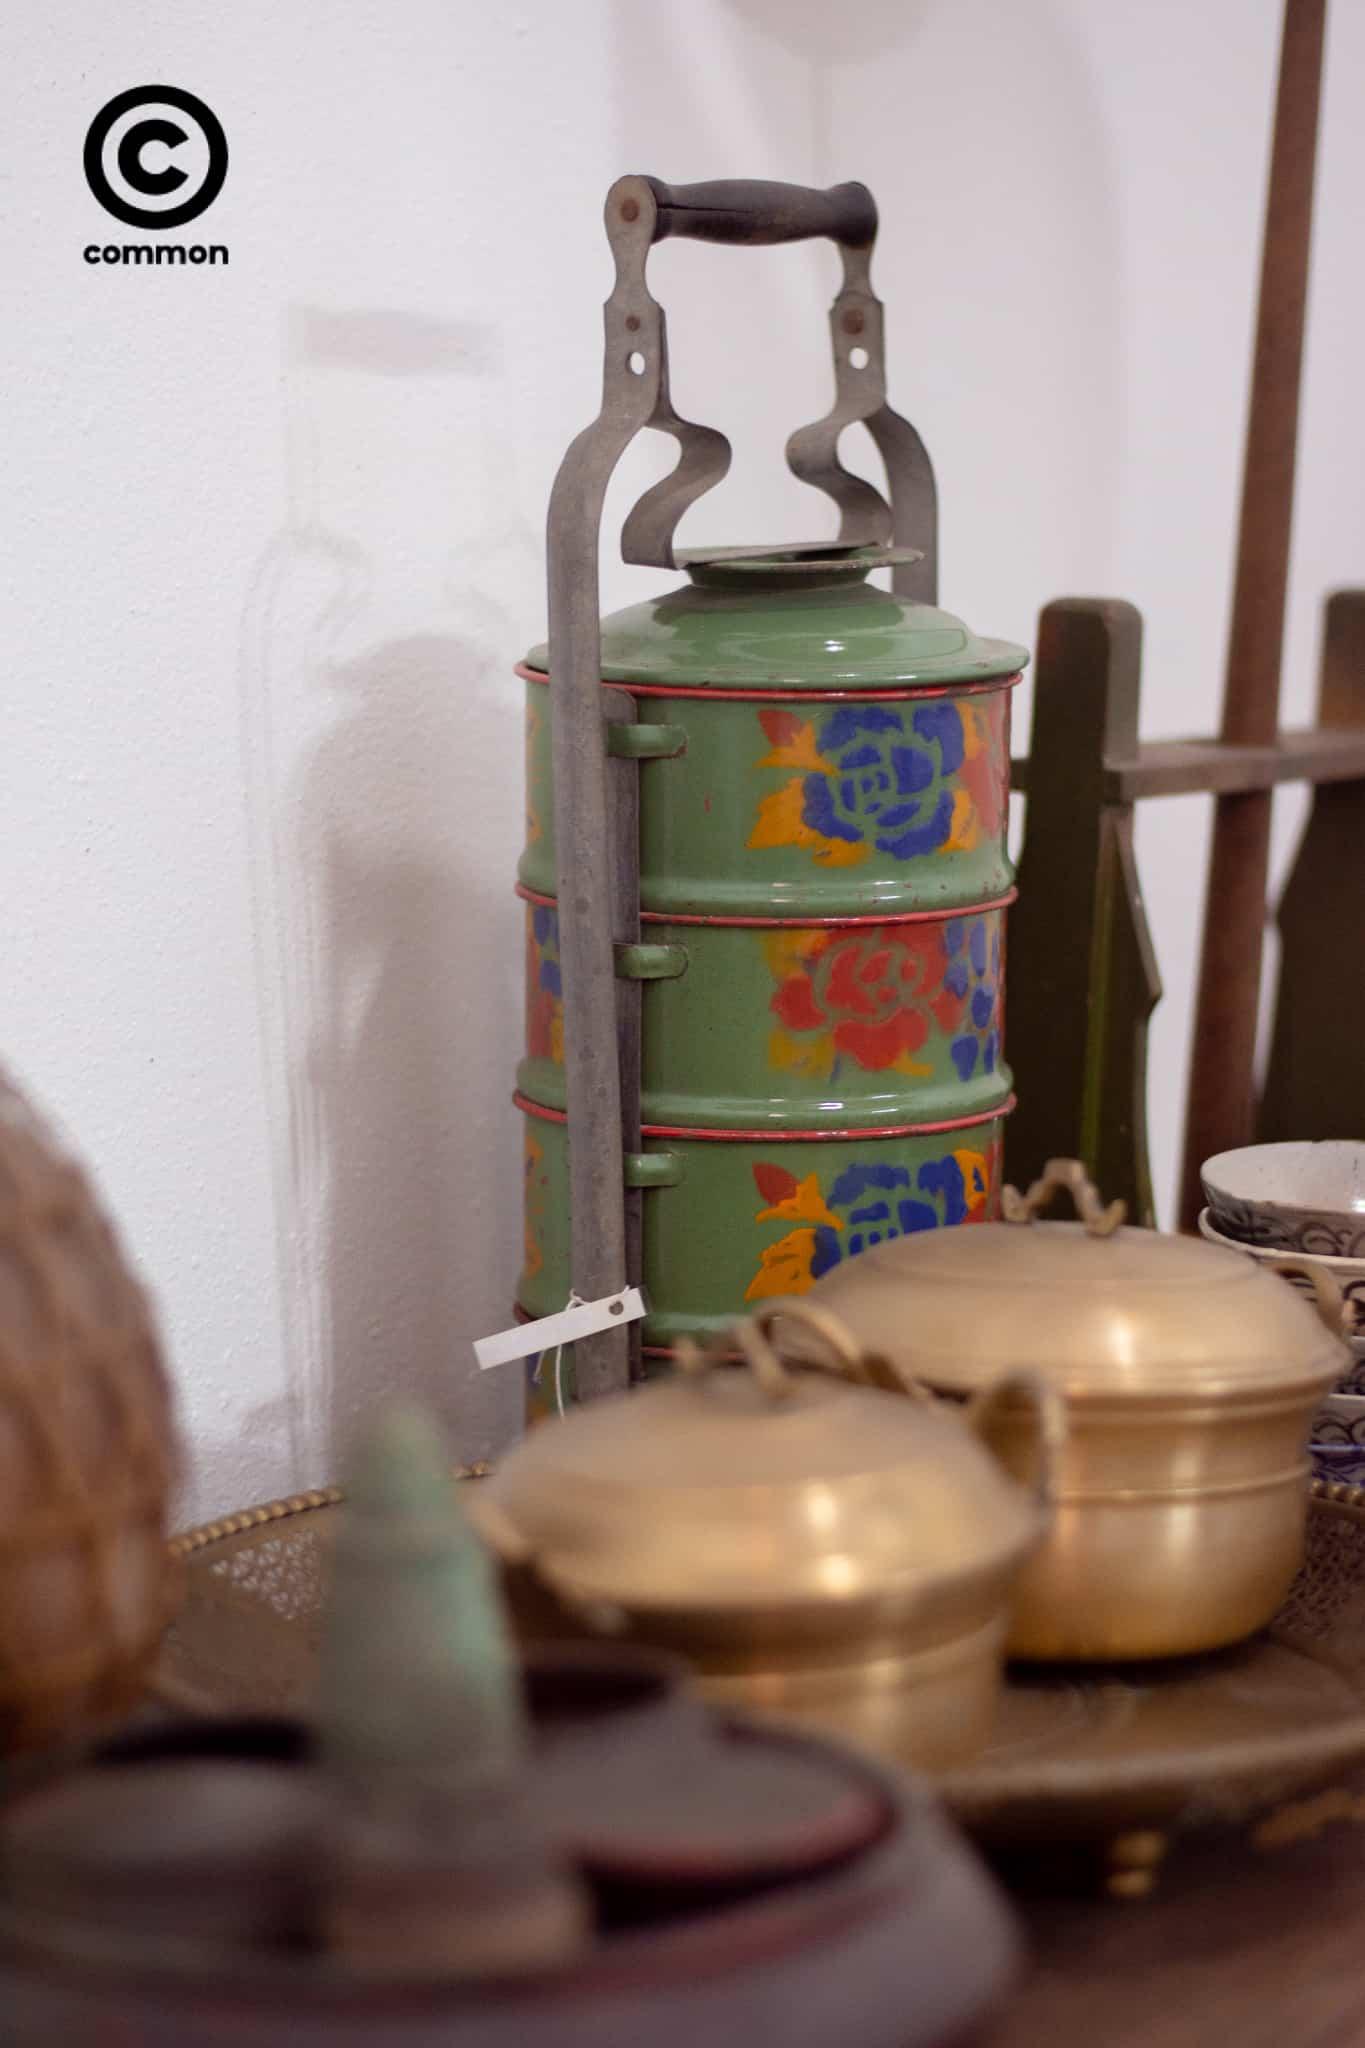 สุนทรภู่ พิพิธภัณฑ์ ประวัติศาสตร์ วิถีชีวิต บทกวี วัดเทพธิดาราม กลอน กวี กุฏิ